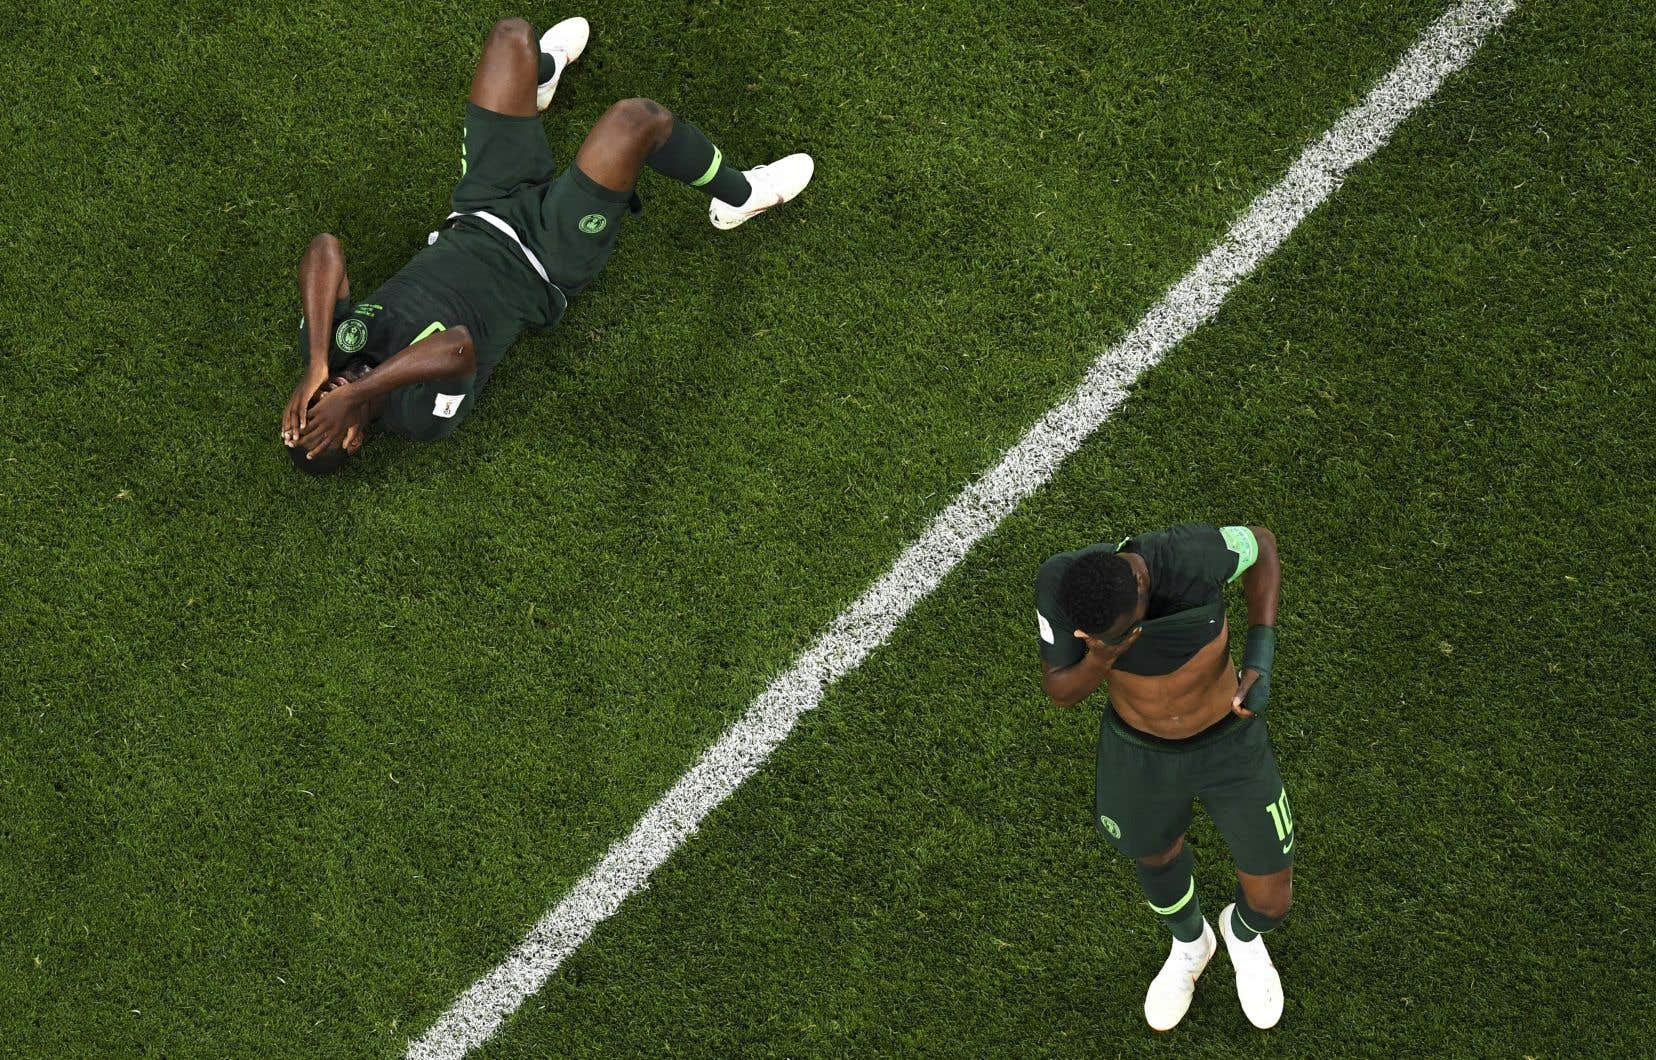 Le capitaine du Nigeria, John Obi Mikel (à droite), a appris quelques heures avant le match décisif de son équipe face à l'Argentine, mardi dernier, que son père venait d'être enlevé.